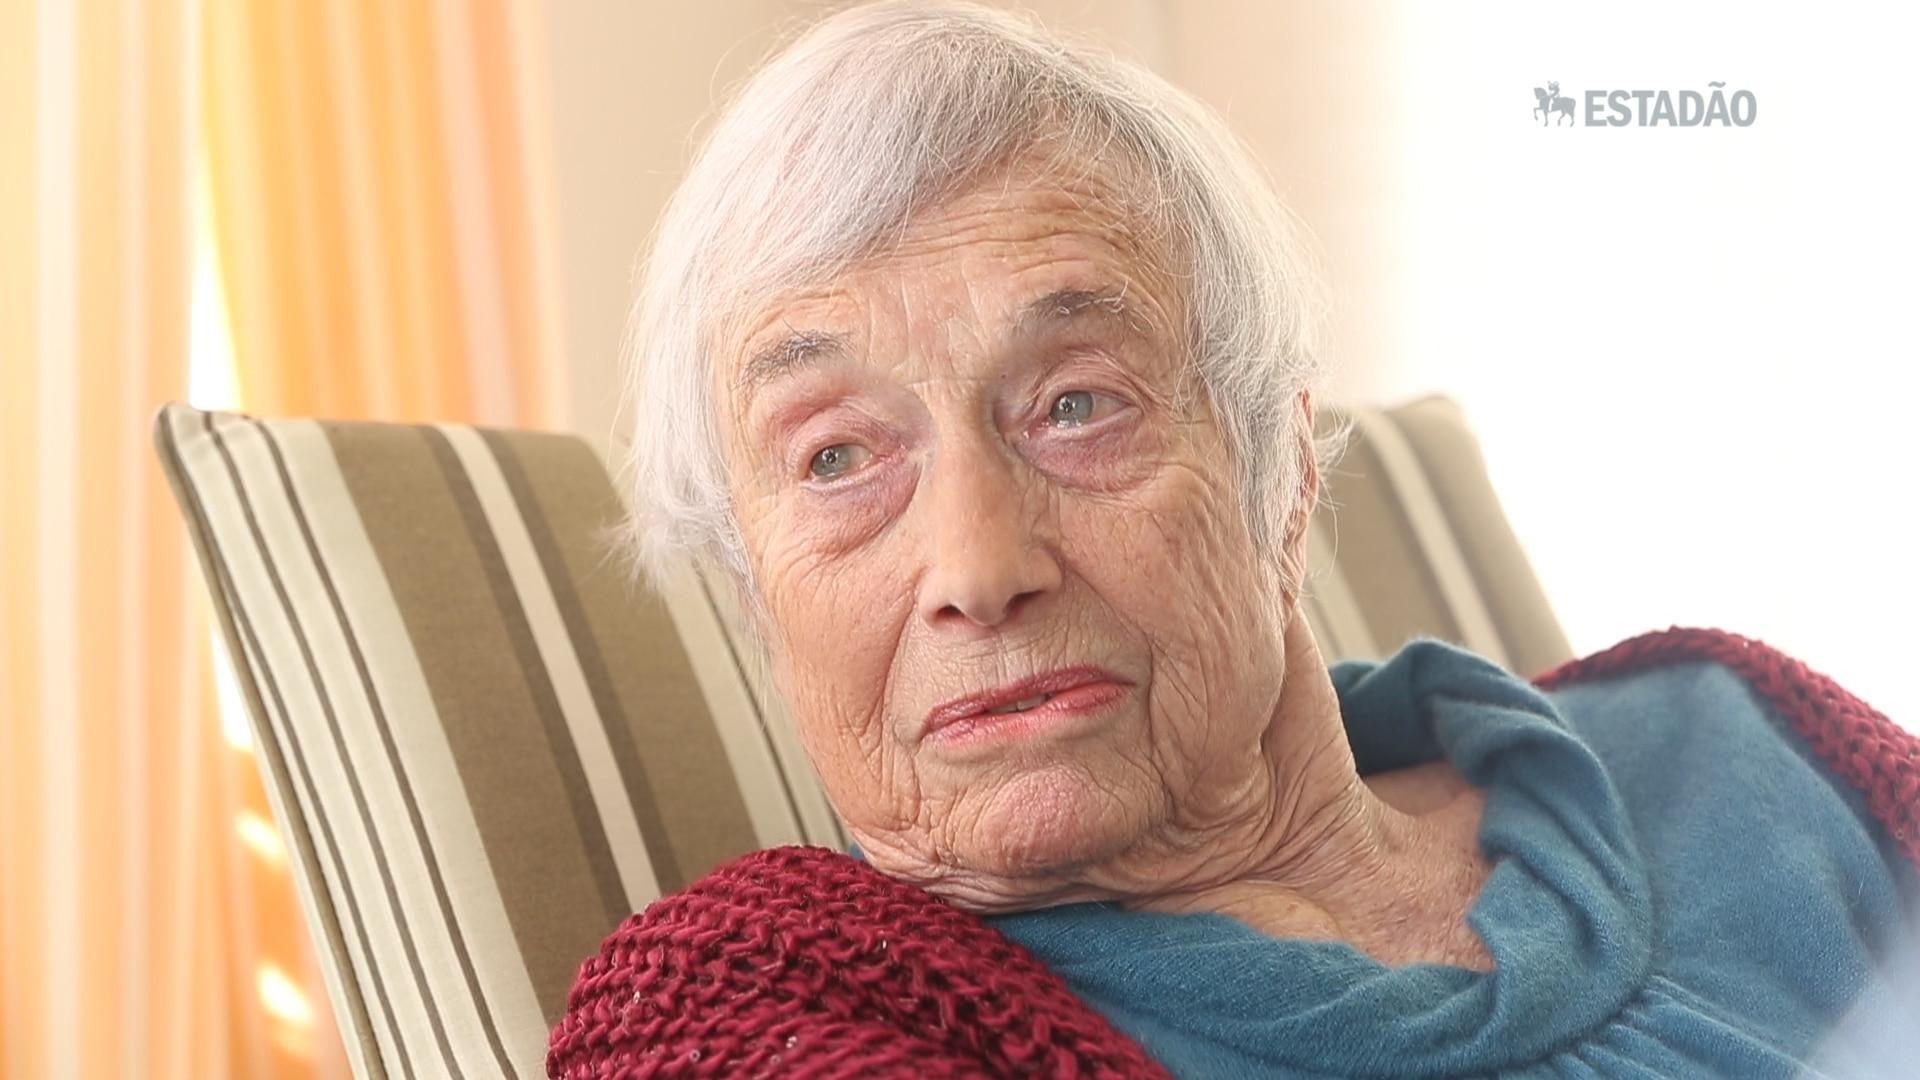 Sobrevivente do holocausto, Nanette Blitz Konig lança livro sobre sua história